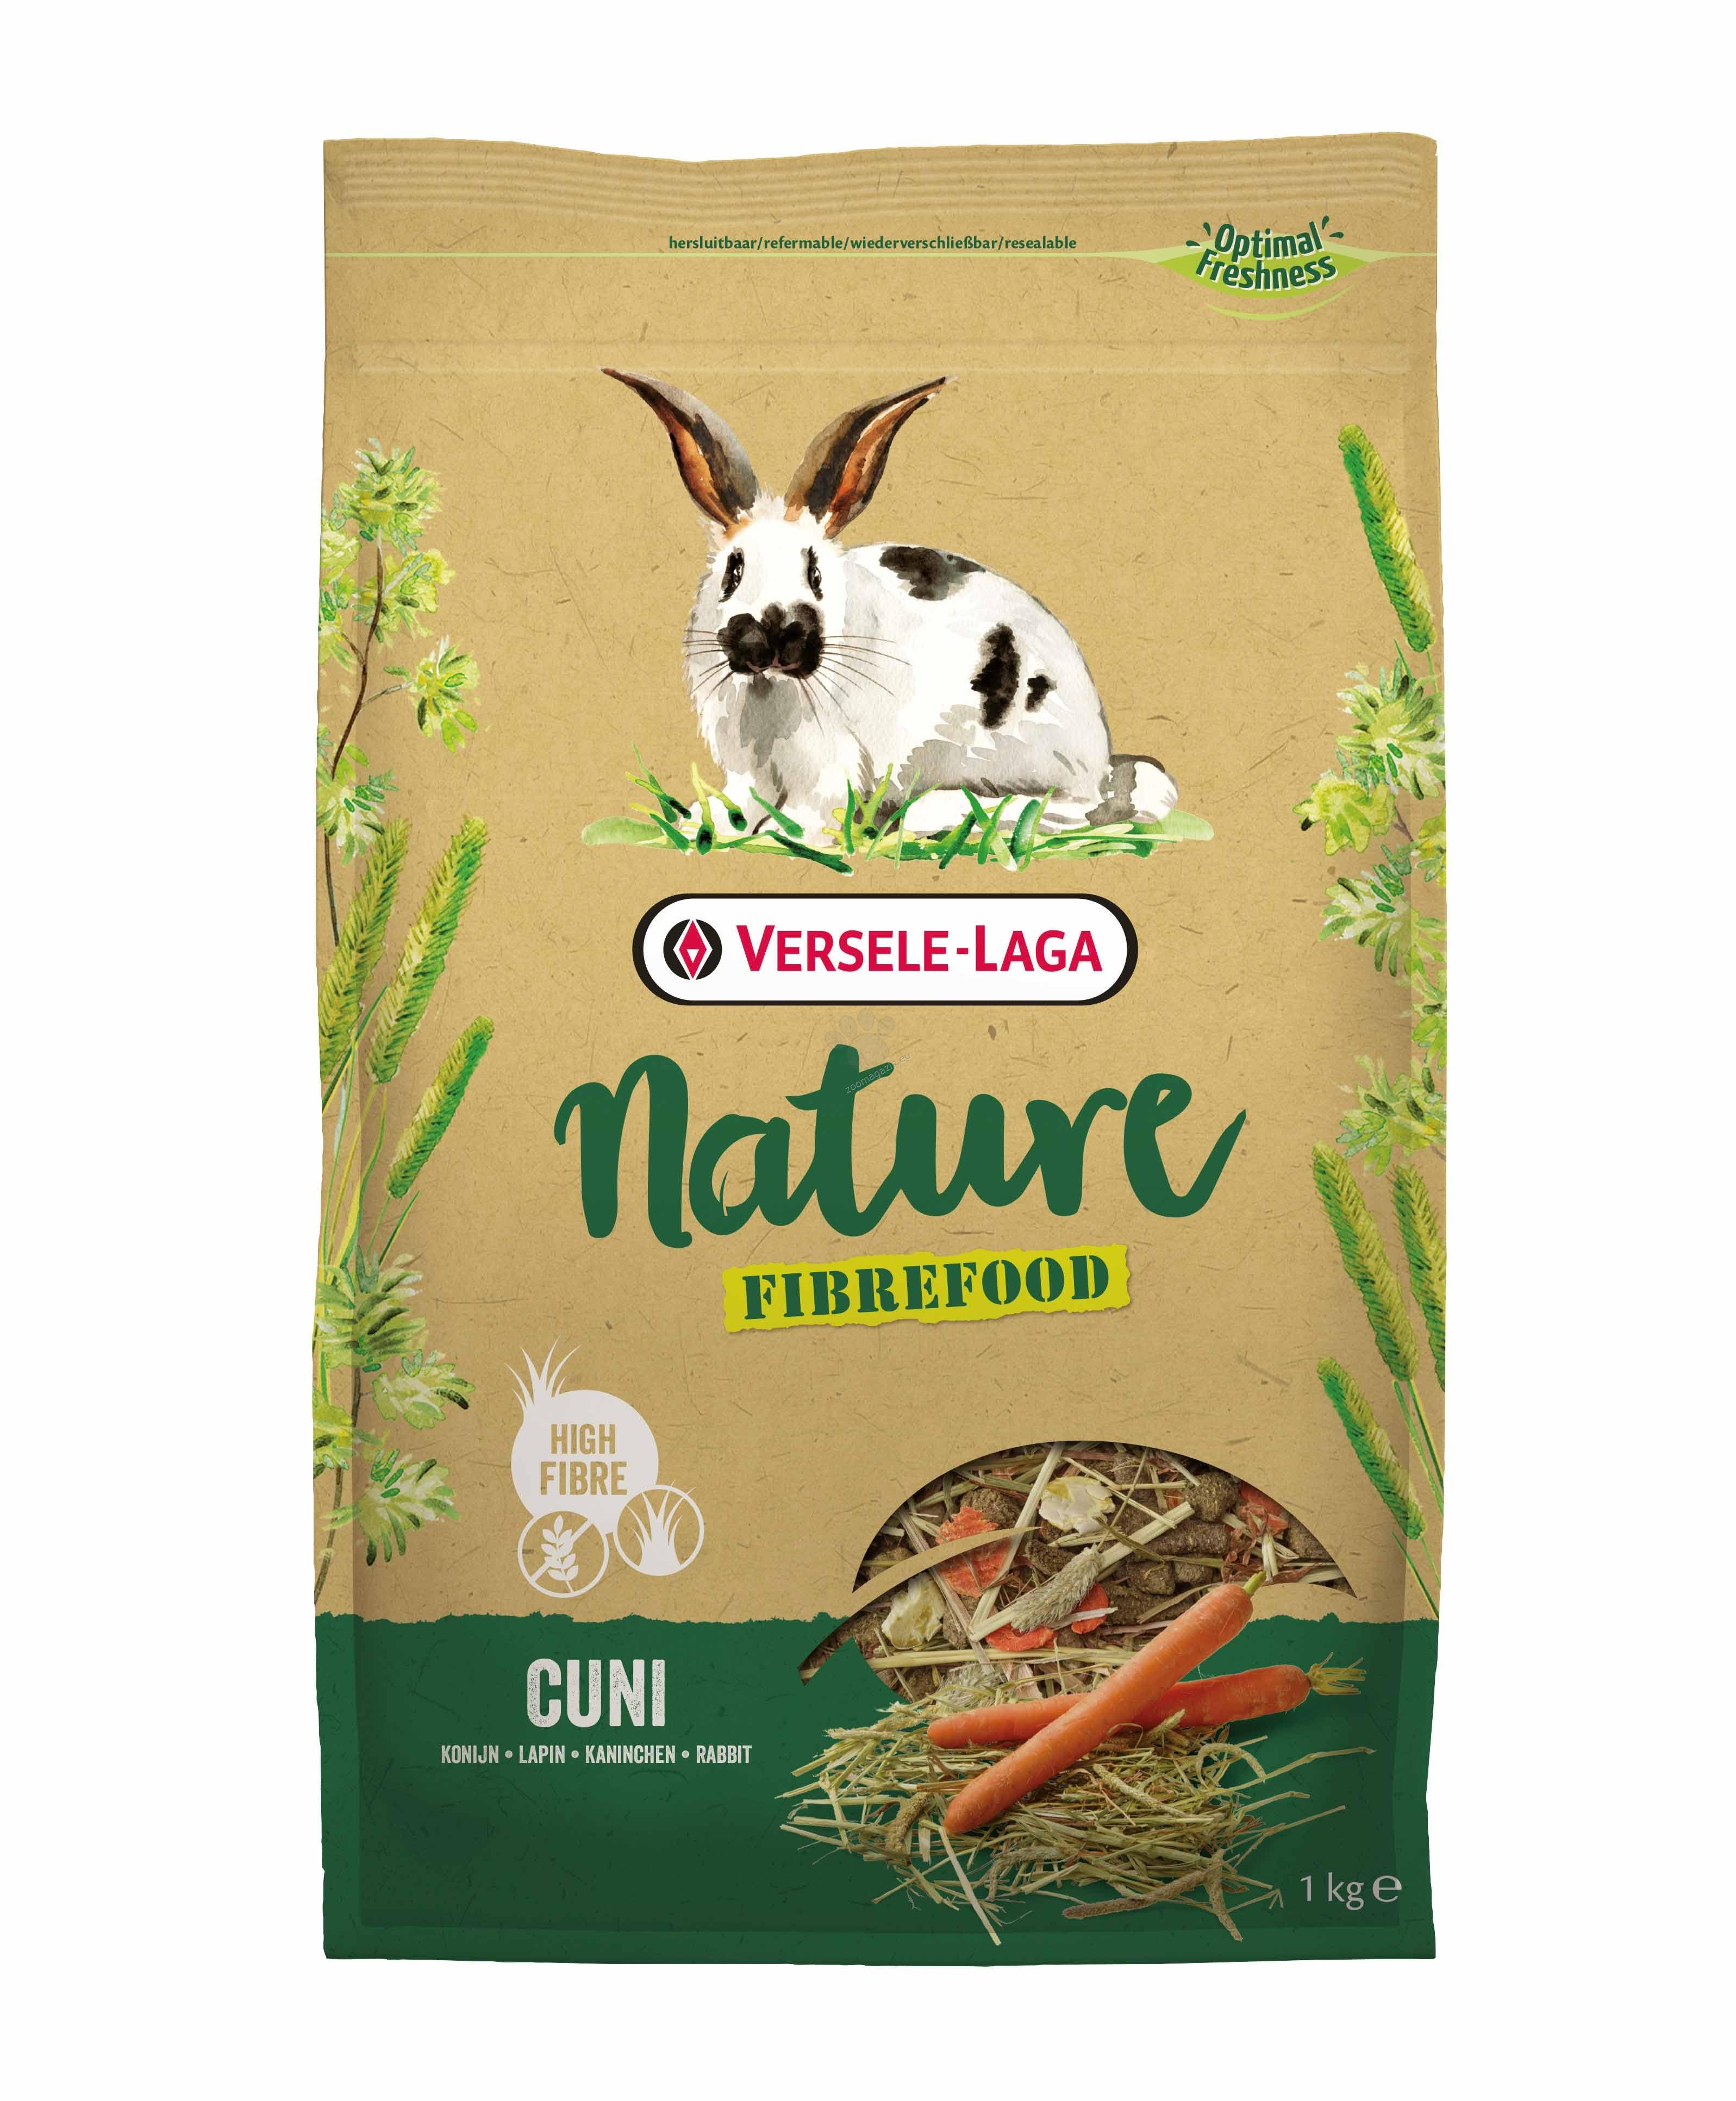 Versele Laga - Fibrefood Cuni - пълноценна храна за мини зайчета, възрастни, капризни и живеещи у дома 1 кг.